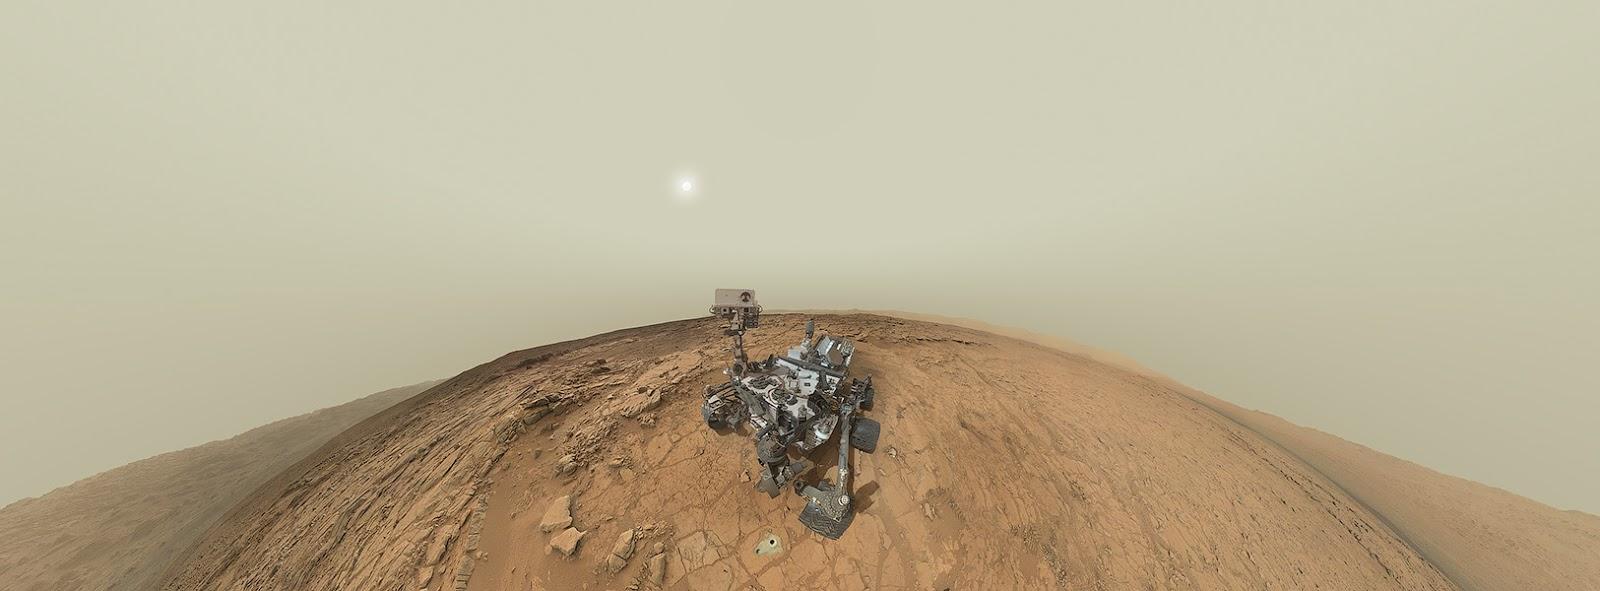 Seguimiento del Curiosity en Marte - Página 4 Curiosity_sol-177bodrov600